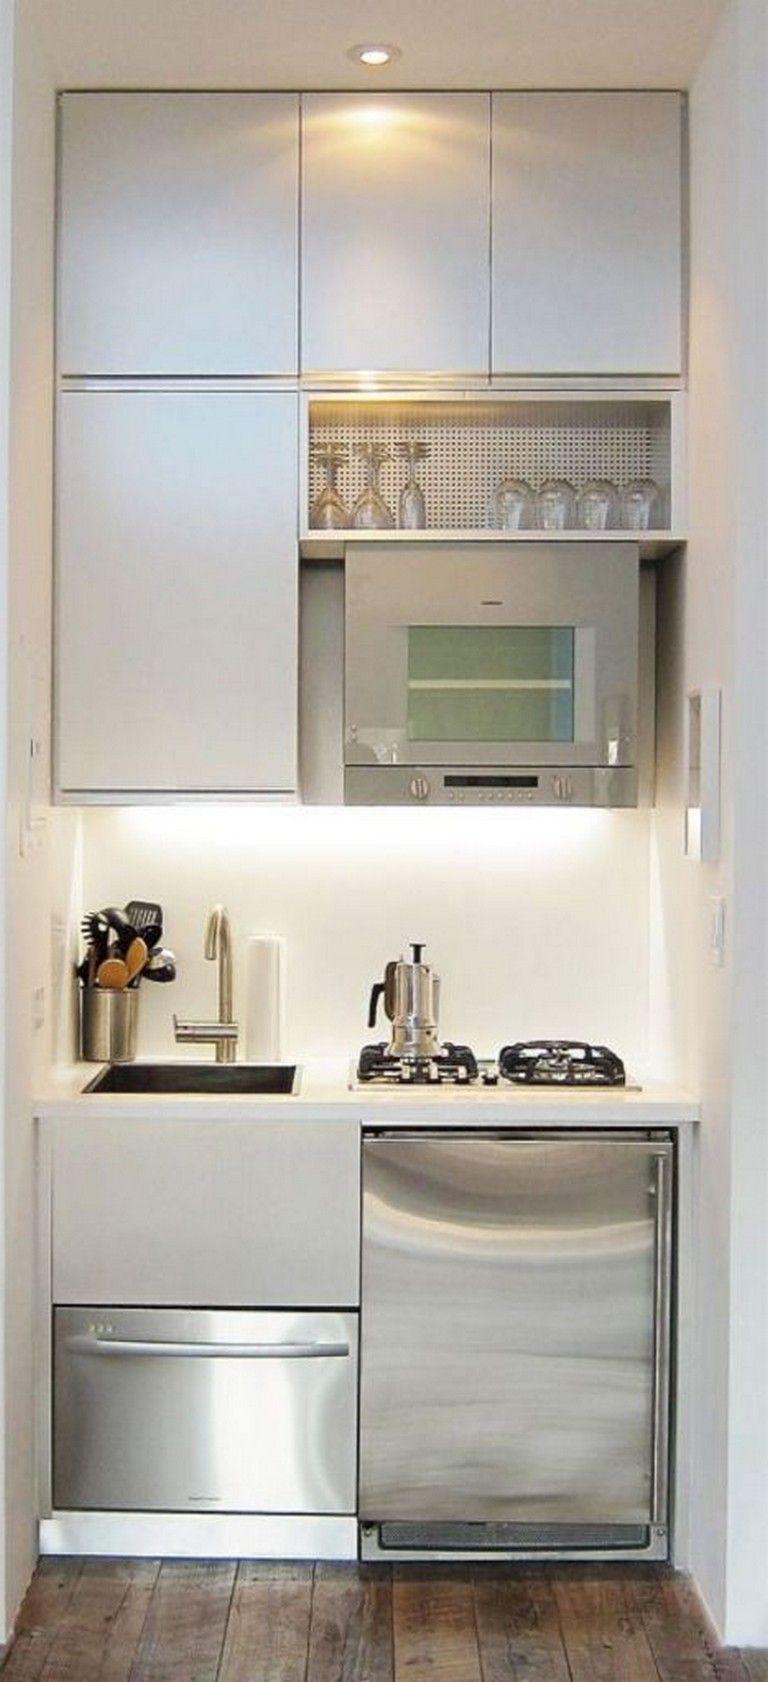 12+ Amazing Small Apartment Kitchen Design and Decor Ideas   Small ...